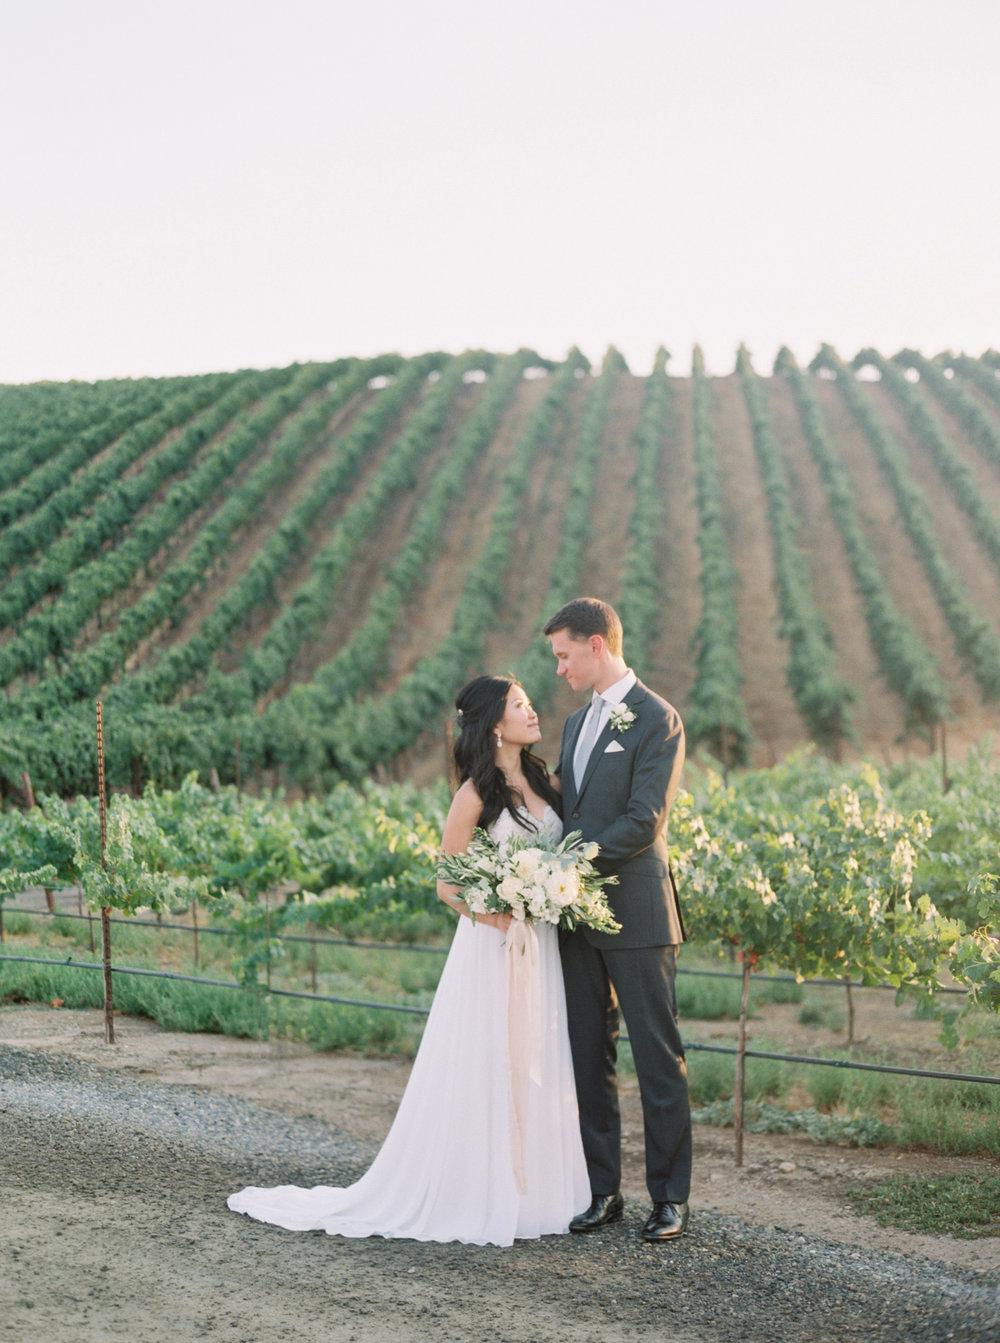 trynhphoto_sandiego_orangecounty_temecula_sf_weddingphotographer_KN-315.jpg